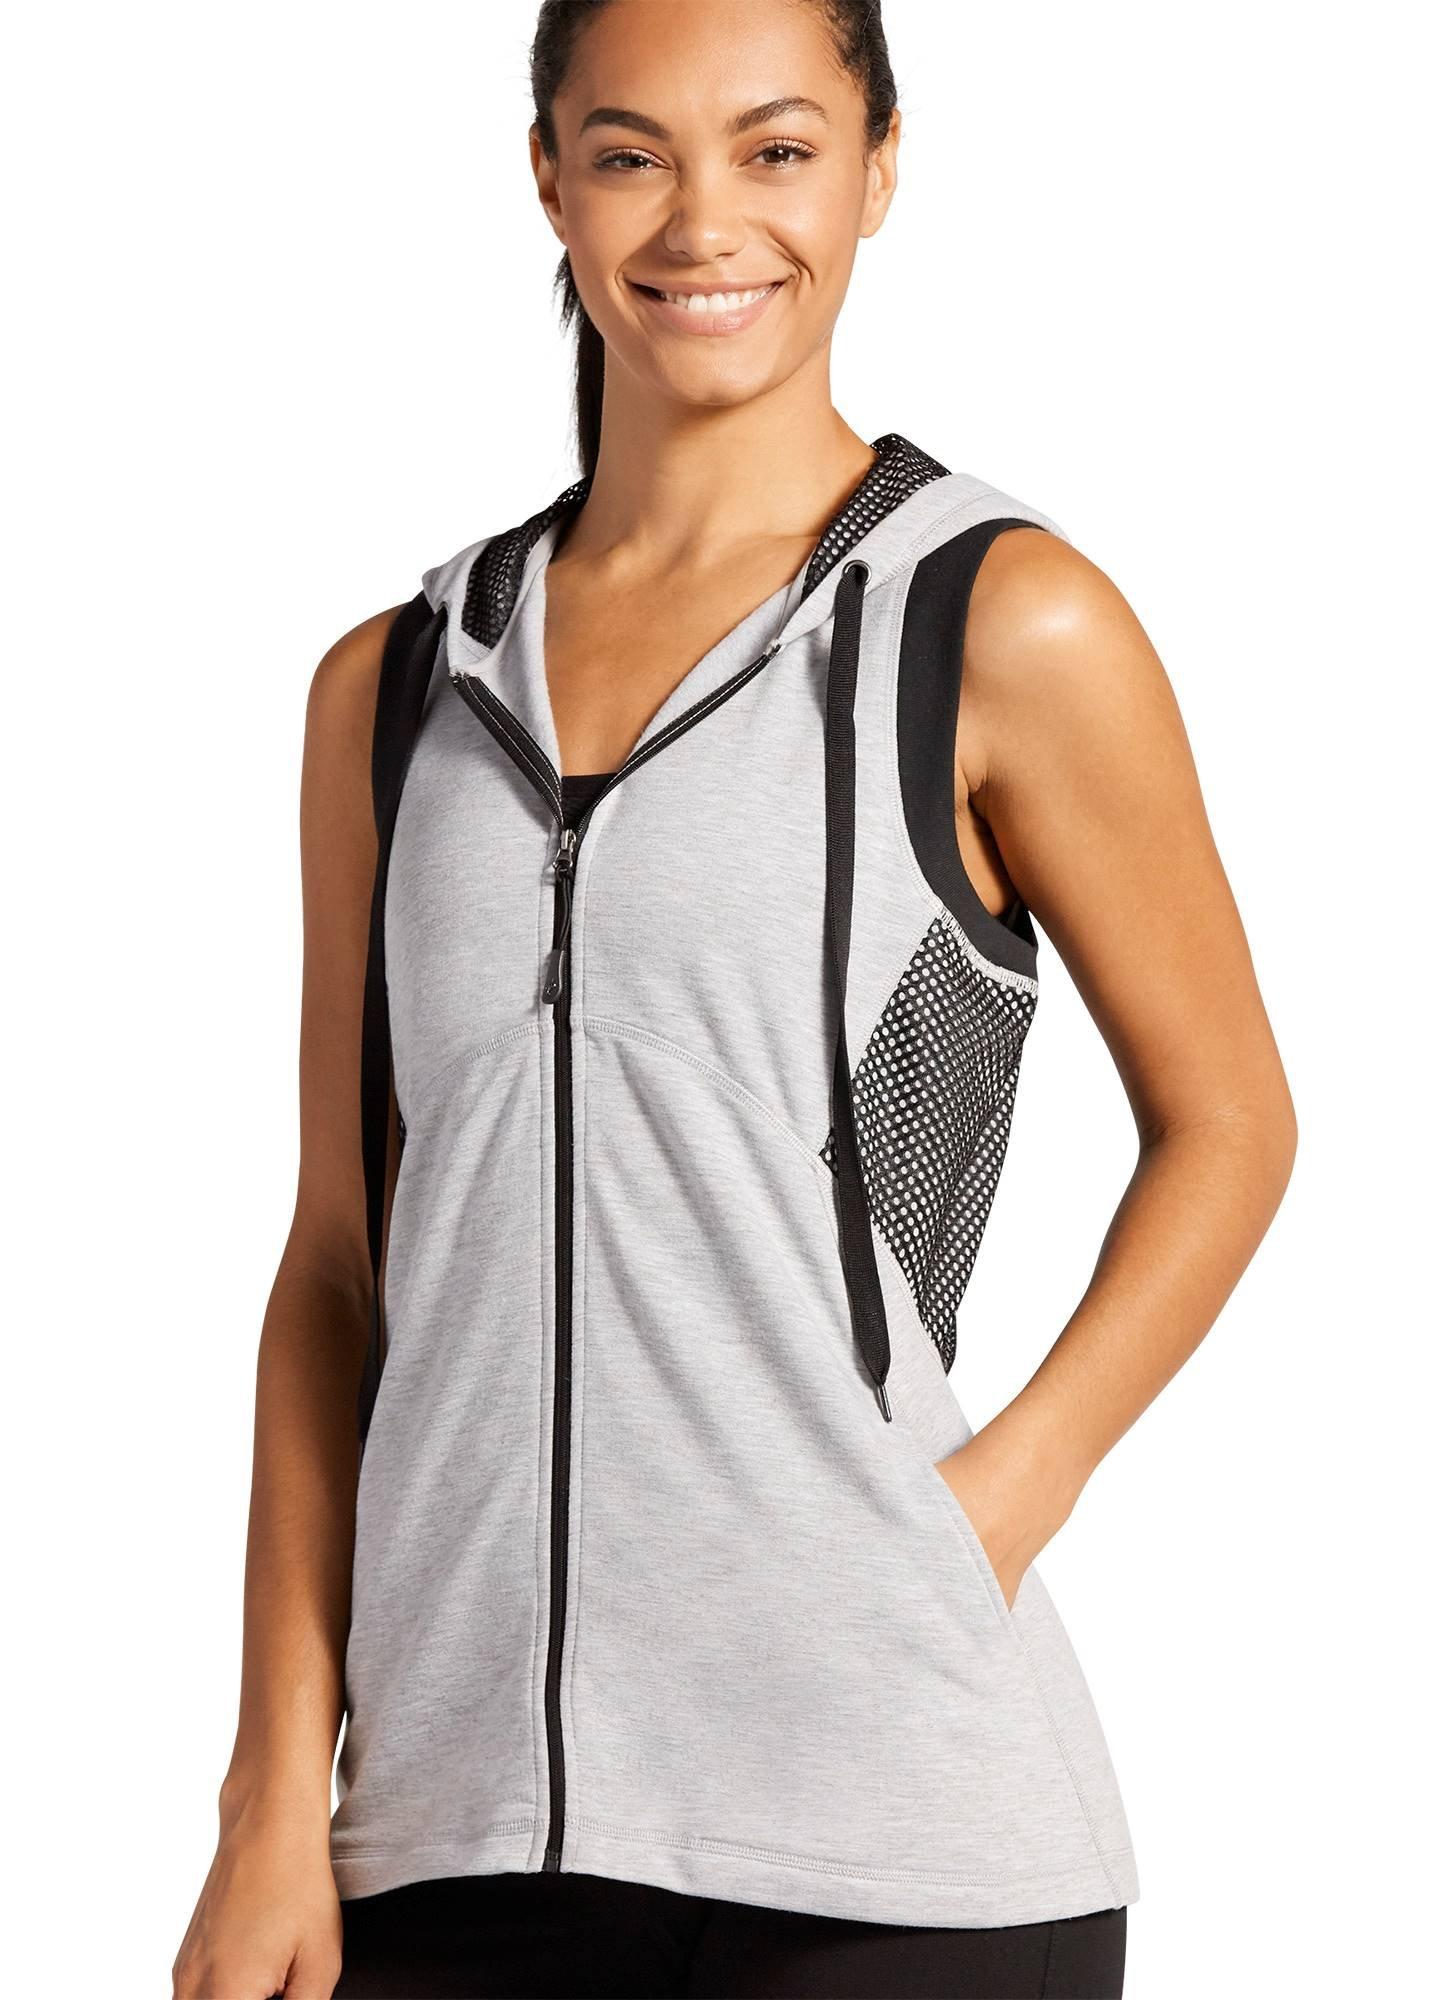 Jockey Women's Activewear Studio Zip Front Vest, Heather Grey/Black mesh, M